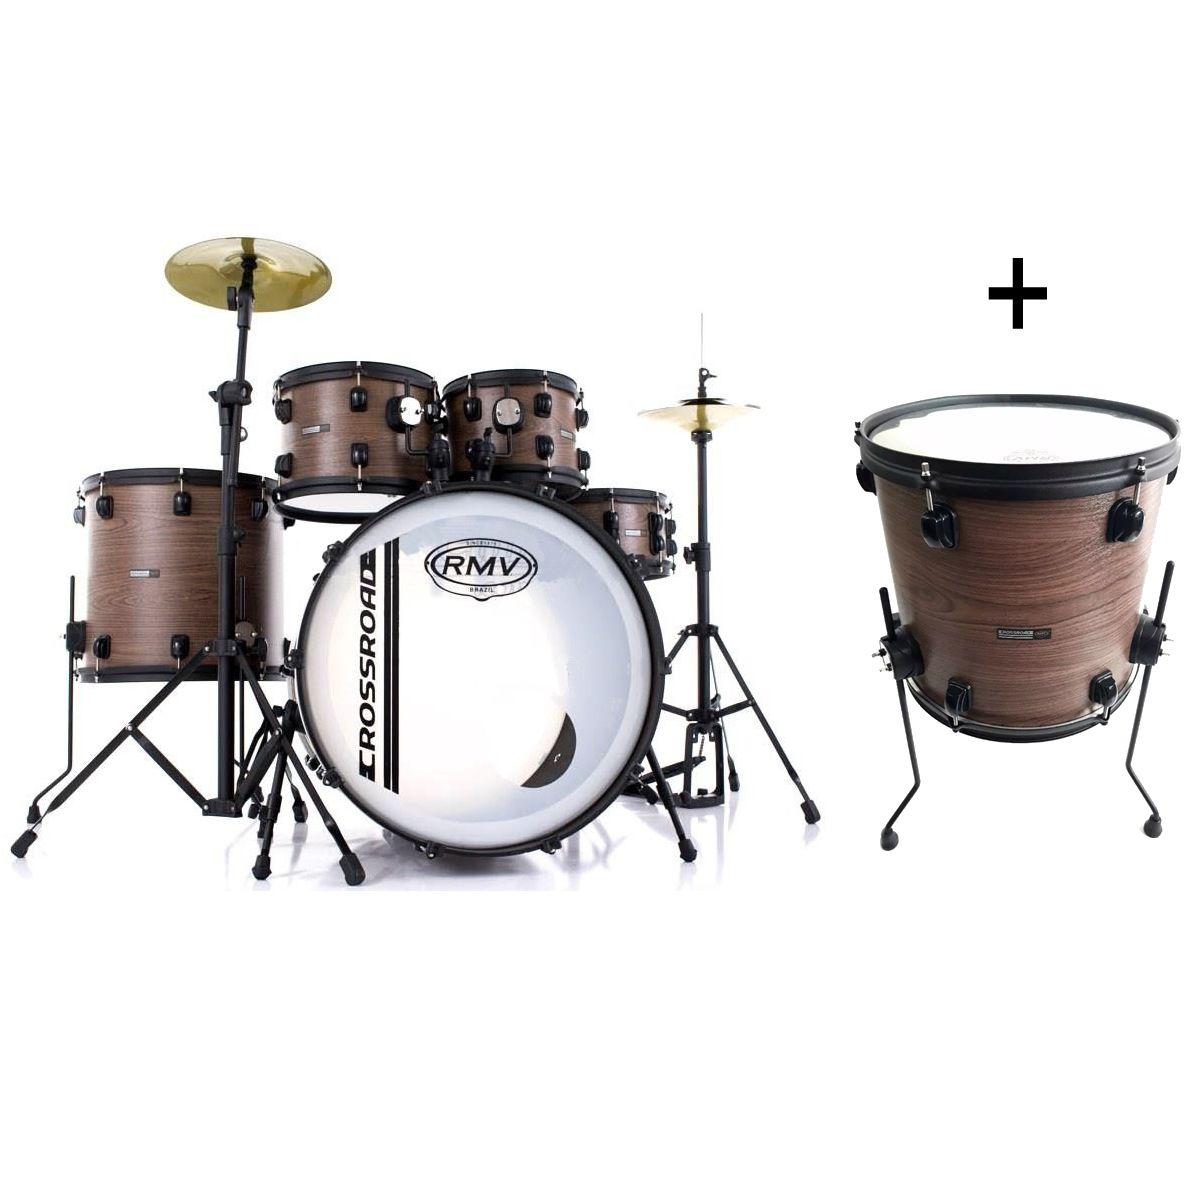 Bateria Acústica RMV Cross FULL 7 tambores 2 surdos e 3 tons 22/08/10/12/14/16 PBCF22402